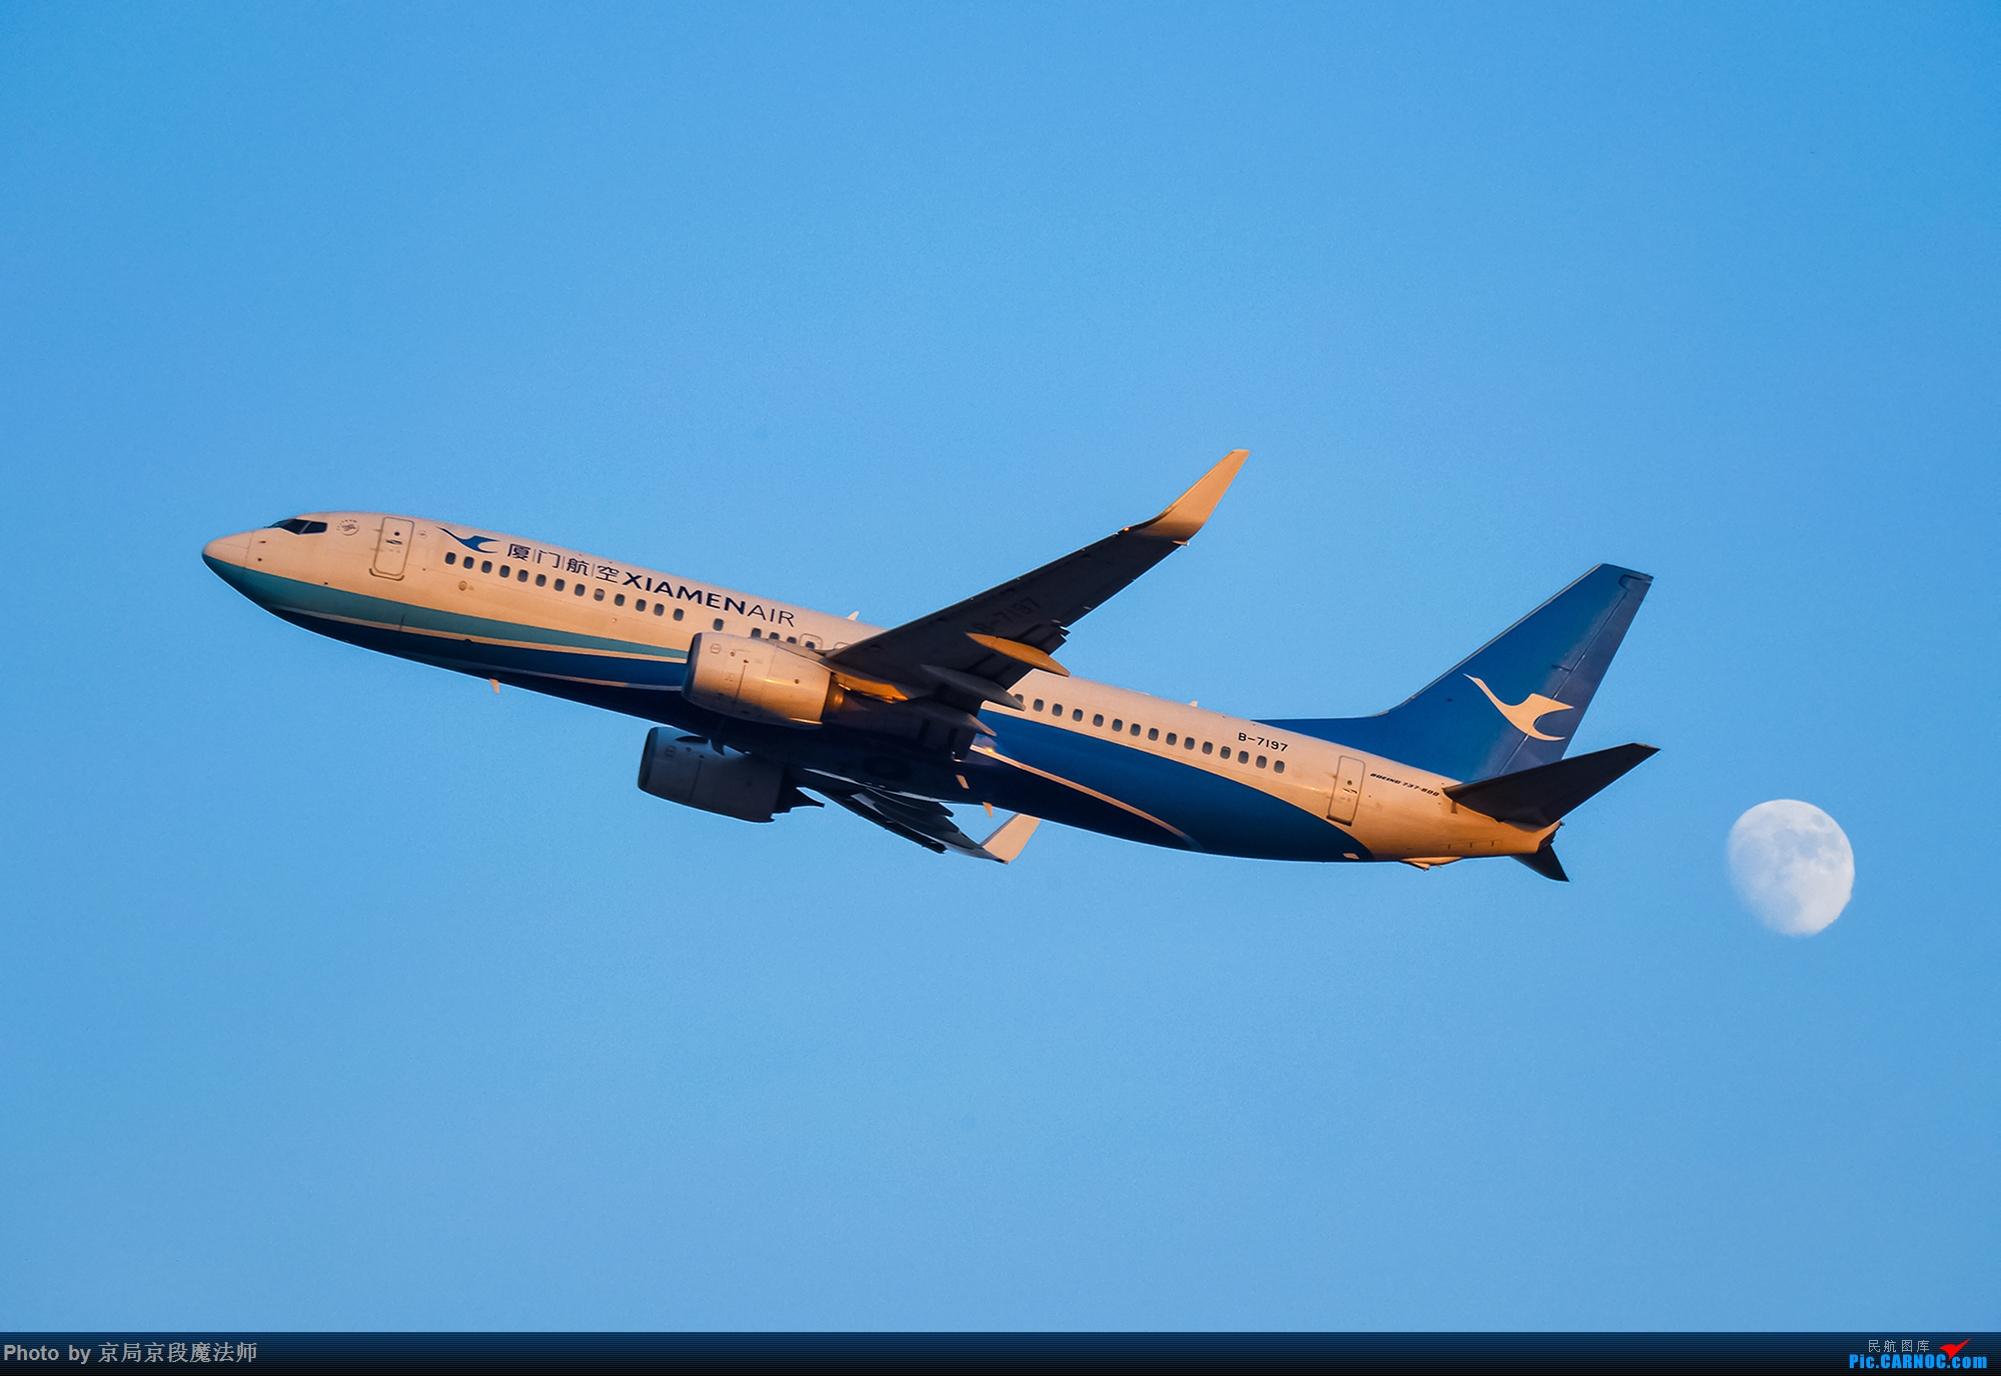 [原创]厦门航空波音737-800与月亮同框 BOEING 737-800 B-7197 长沙黄花国际机场